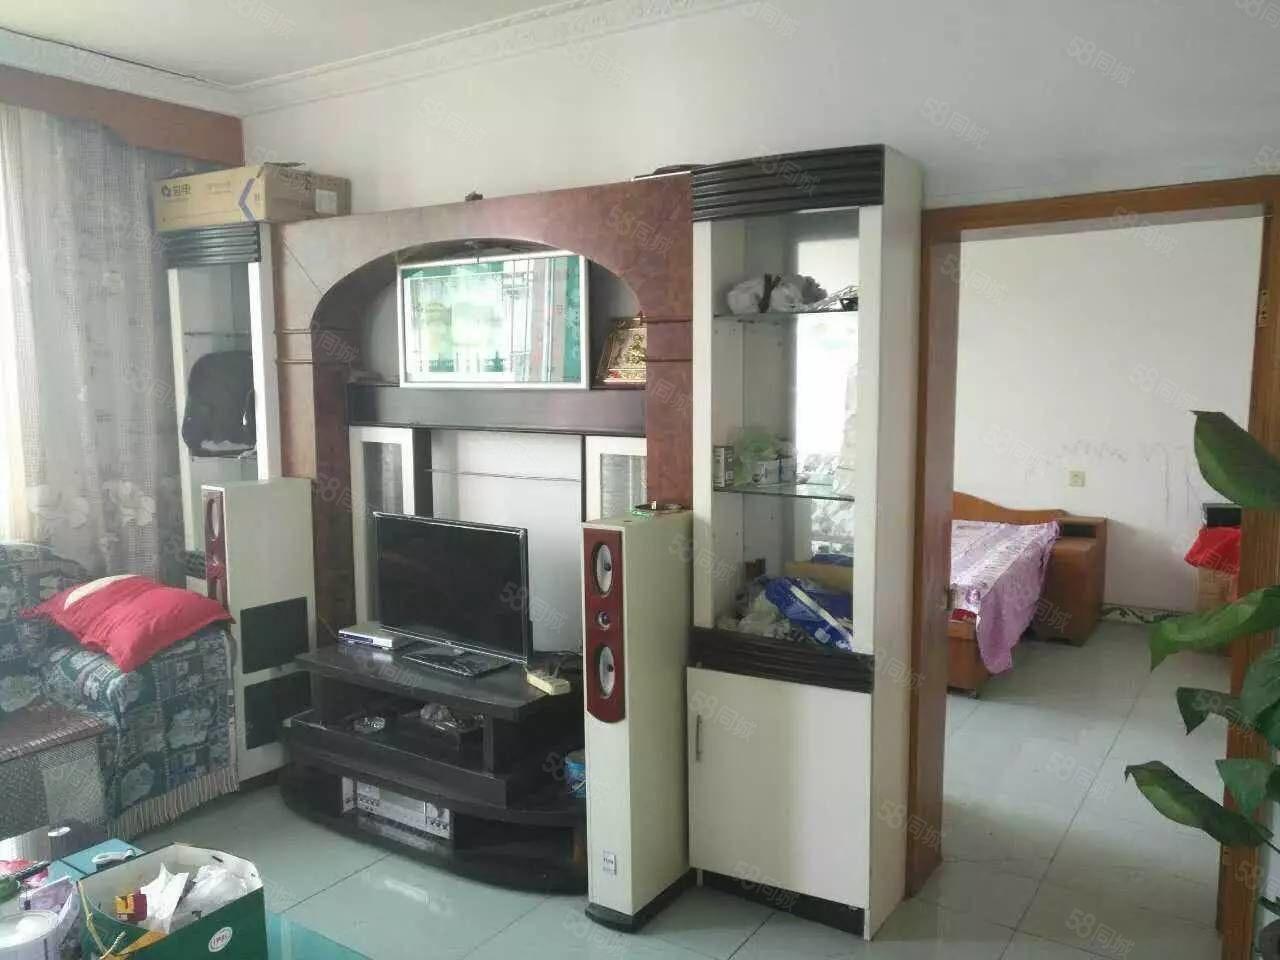 泸县原野市场绿园小区3室2厅1卫住房出租!